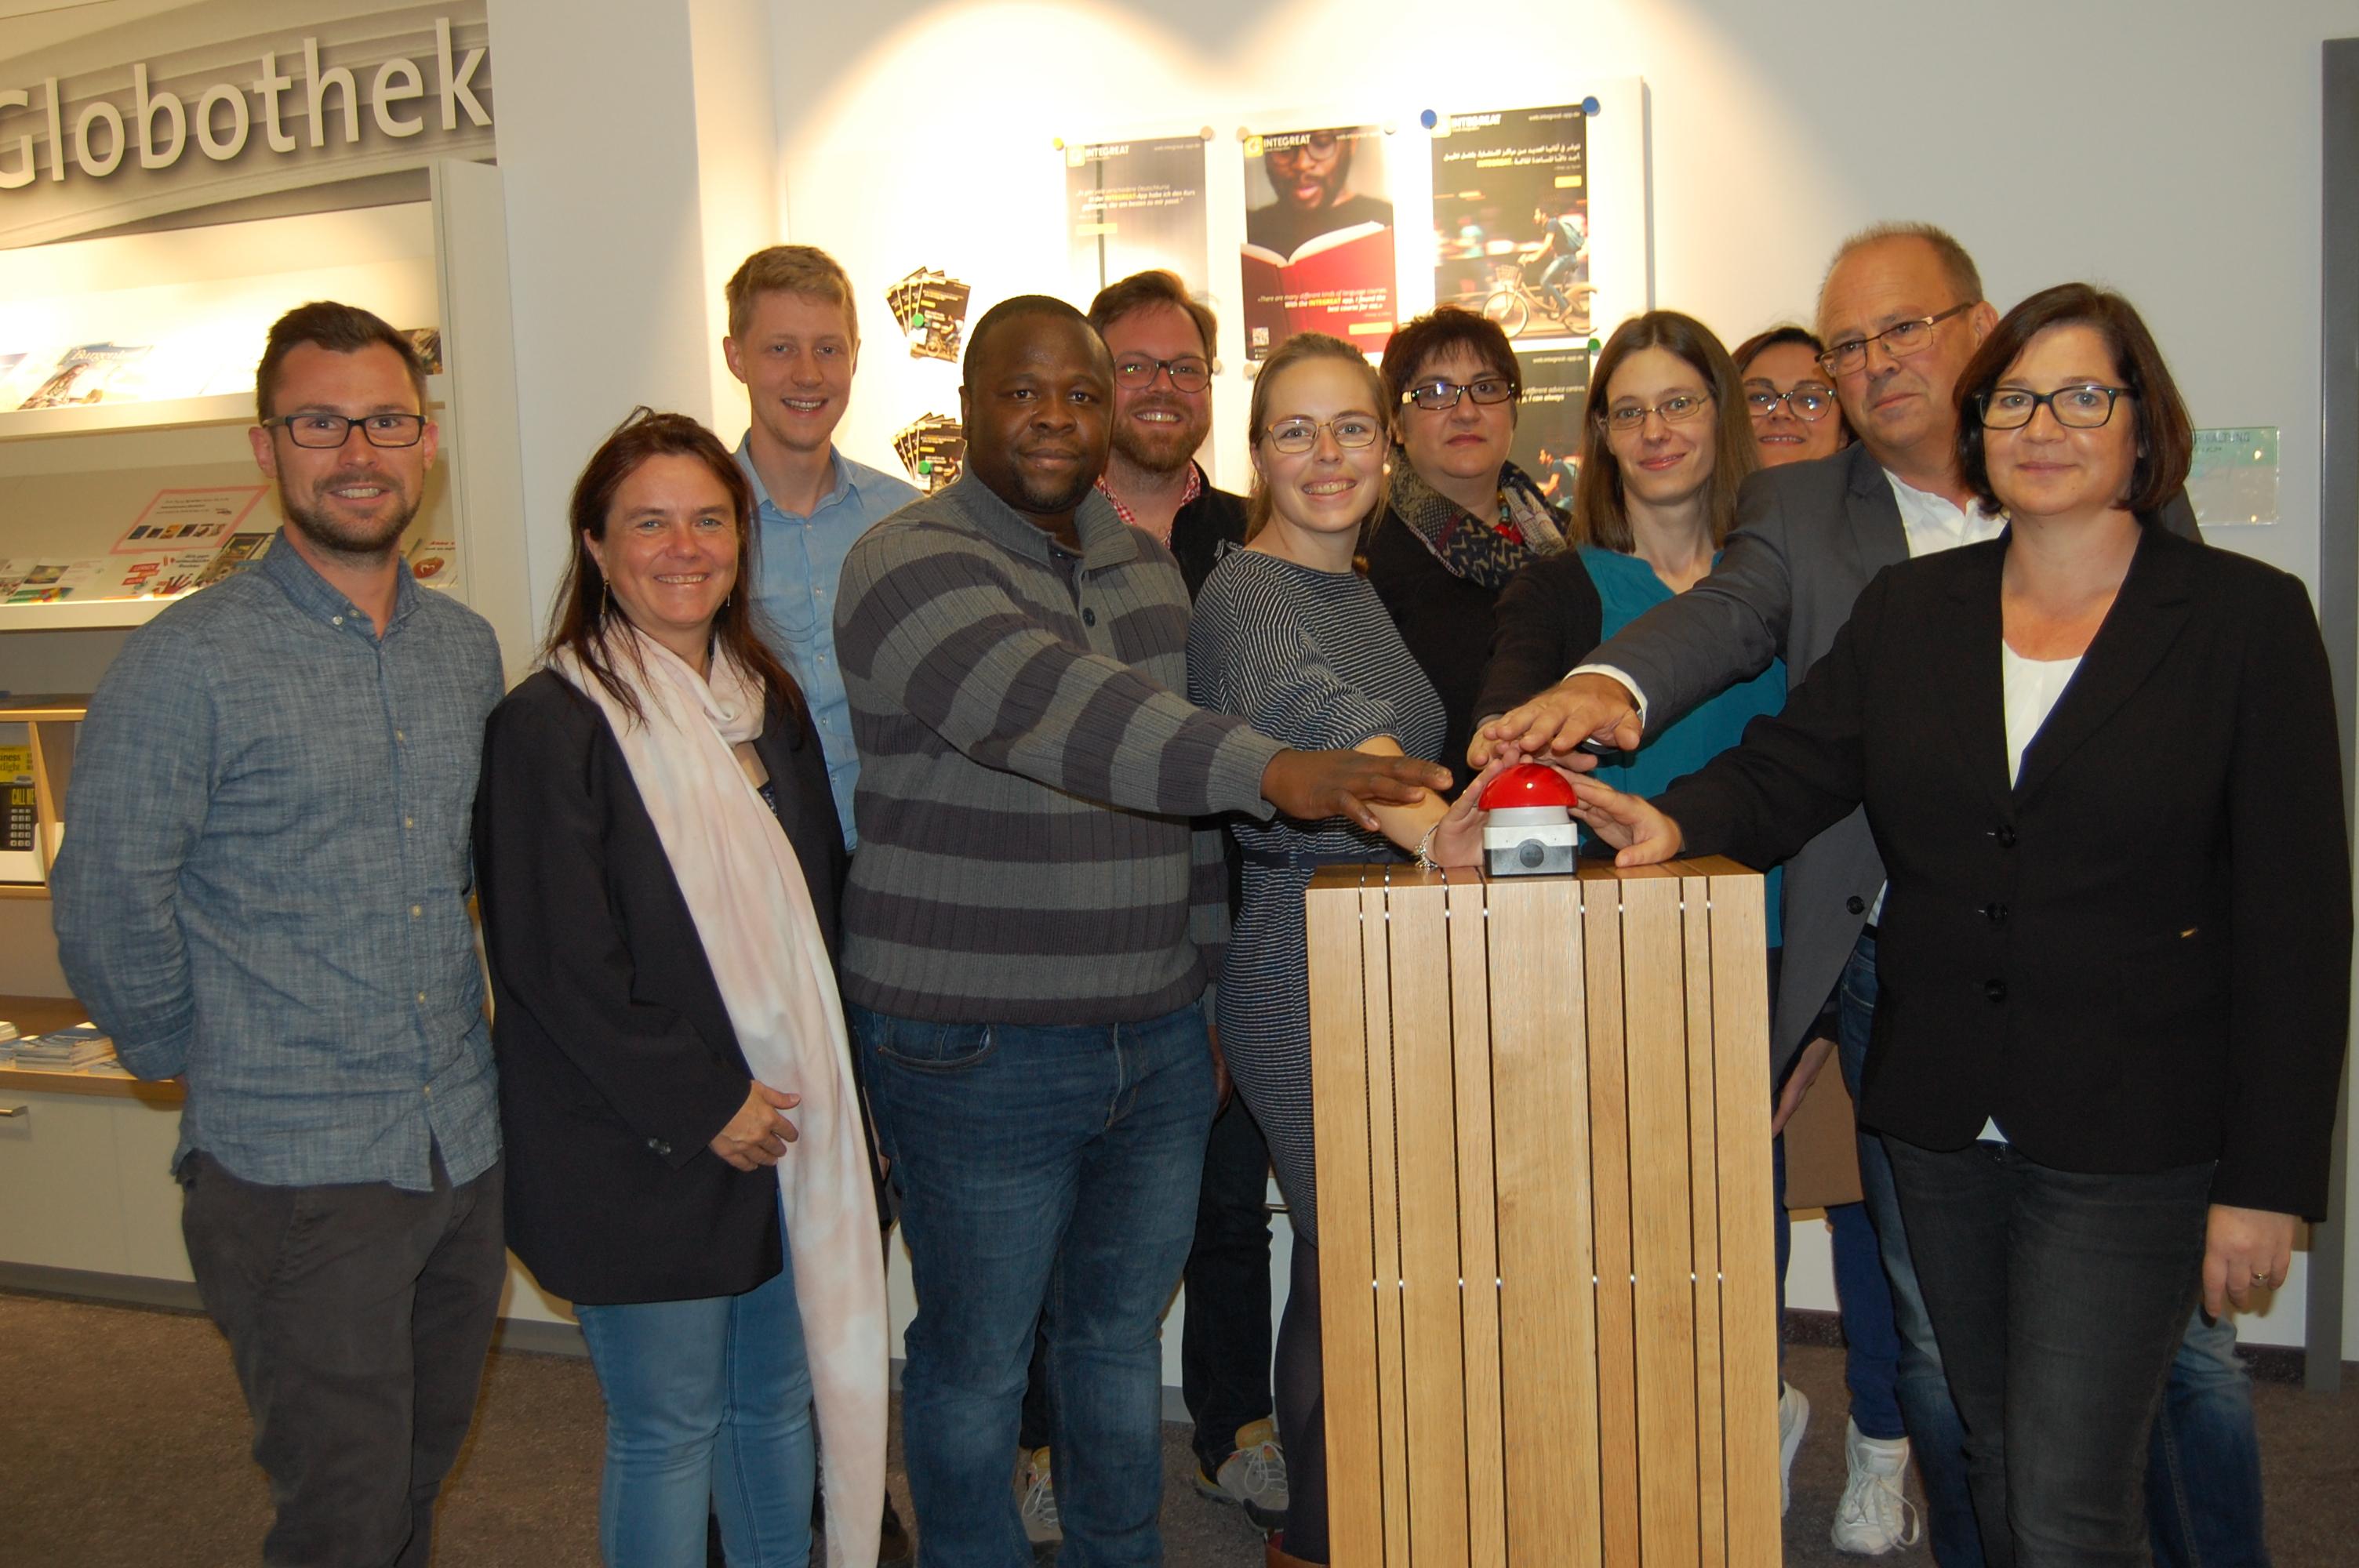 Stadt und Landkreis Bayreuth feiern zusammen den Start von Integreat.